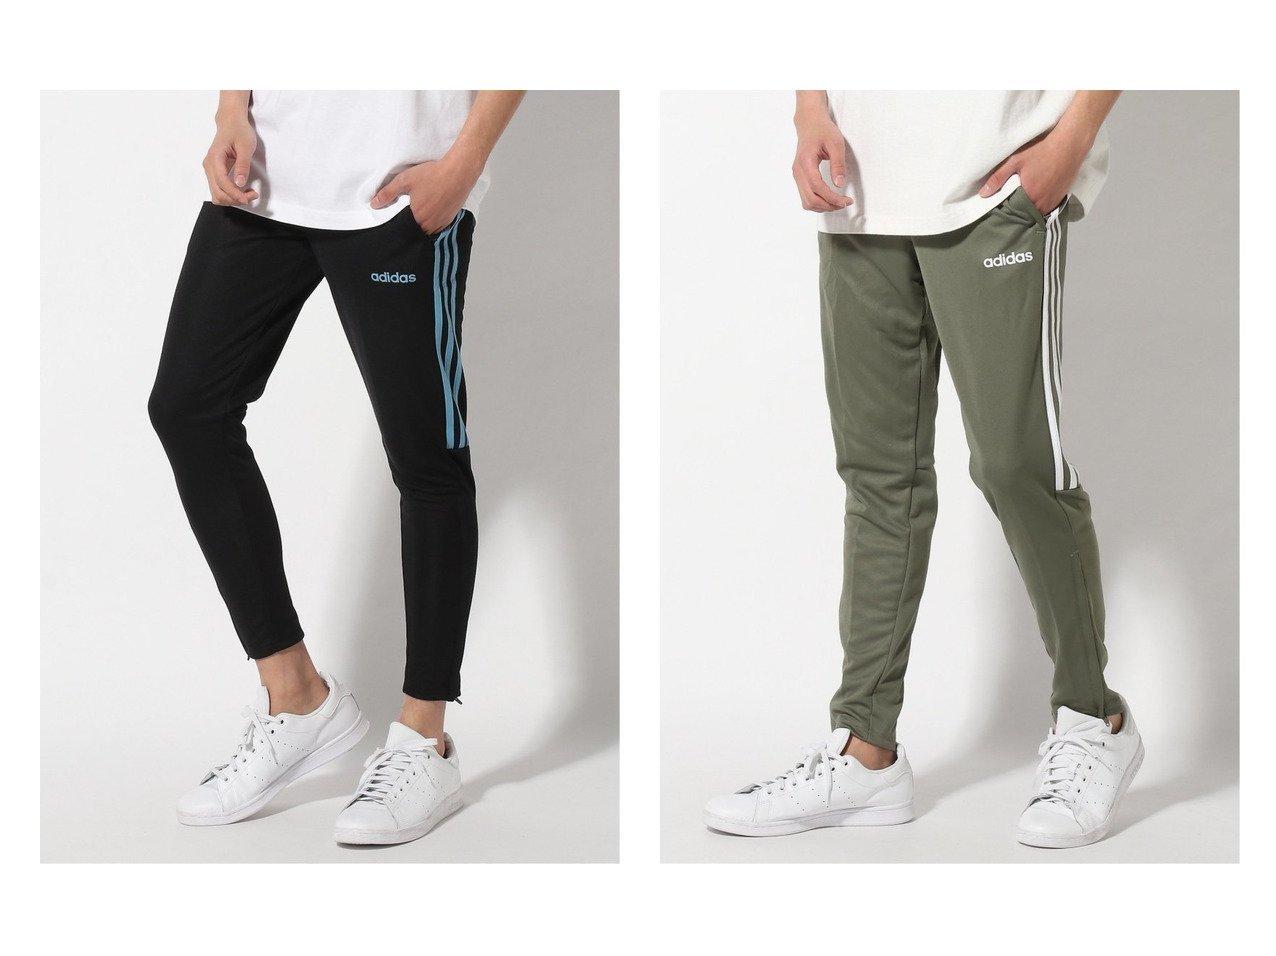 【adidas Sports Performance / MEN/アディダス スポーツ パフォーマンス】のSERE19 TRG PNT 【MEN】おすすめ!人気トレンド・男性、メンズファッションの通販 おすすめで人気の流行・トレンド、ファッションの通販商品 メンズファッション・キッズファッション・インテリア・家具・レディースファッション・服の通販 founy(ファニー) https://founy.com/ ファッション Fashion メンズファッション MEN NEW・新作・新着・新入荷 New Arrivals ジャージ スポーツ スリム ダブル ドローコード フィット リラックス 水着 |ID:crp329100000023137